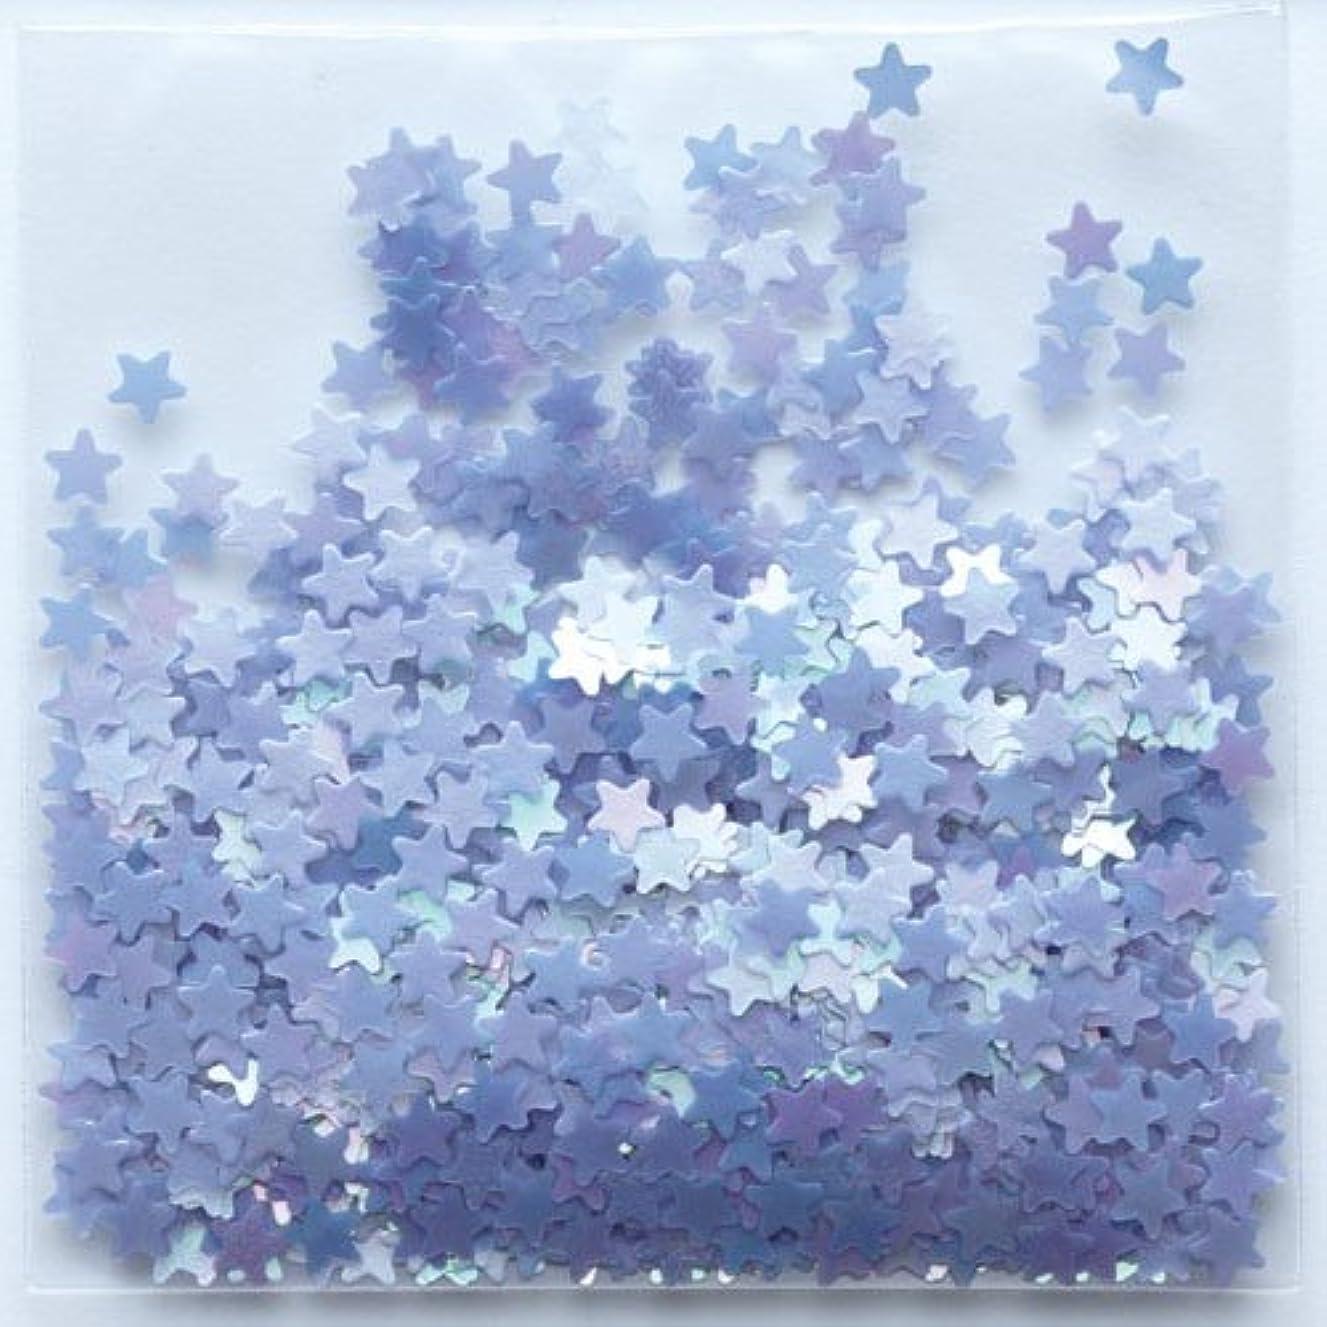 バルーン舗装再生的ピカエース ネイル用パウダー 星パステル #174 ラベンダー 0.5g